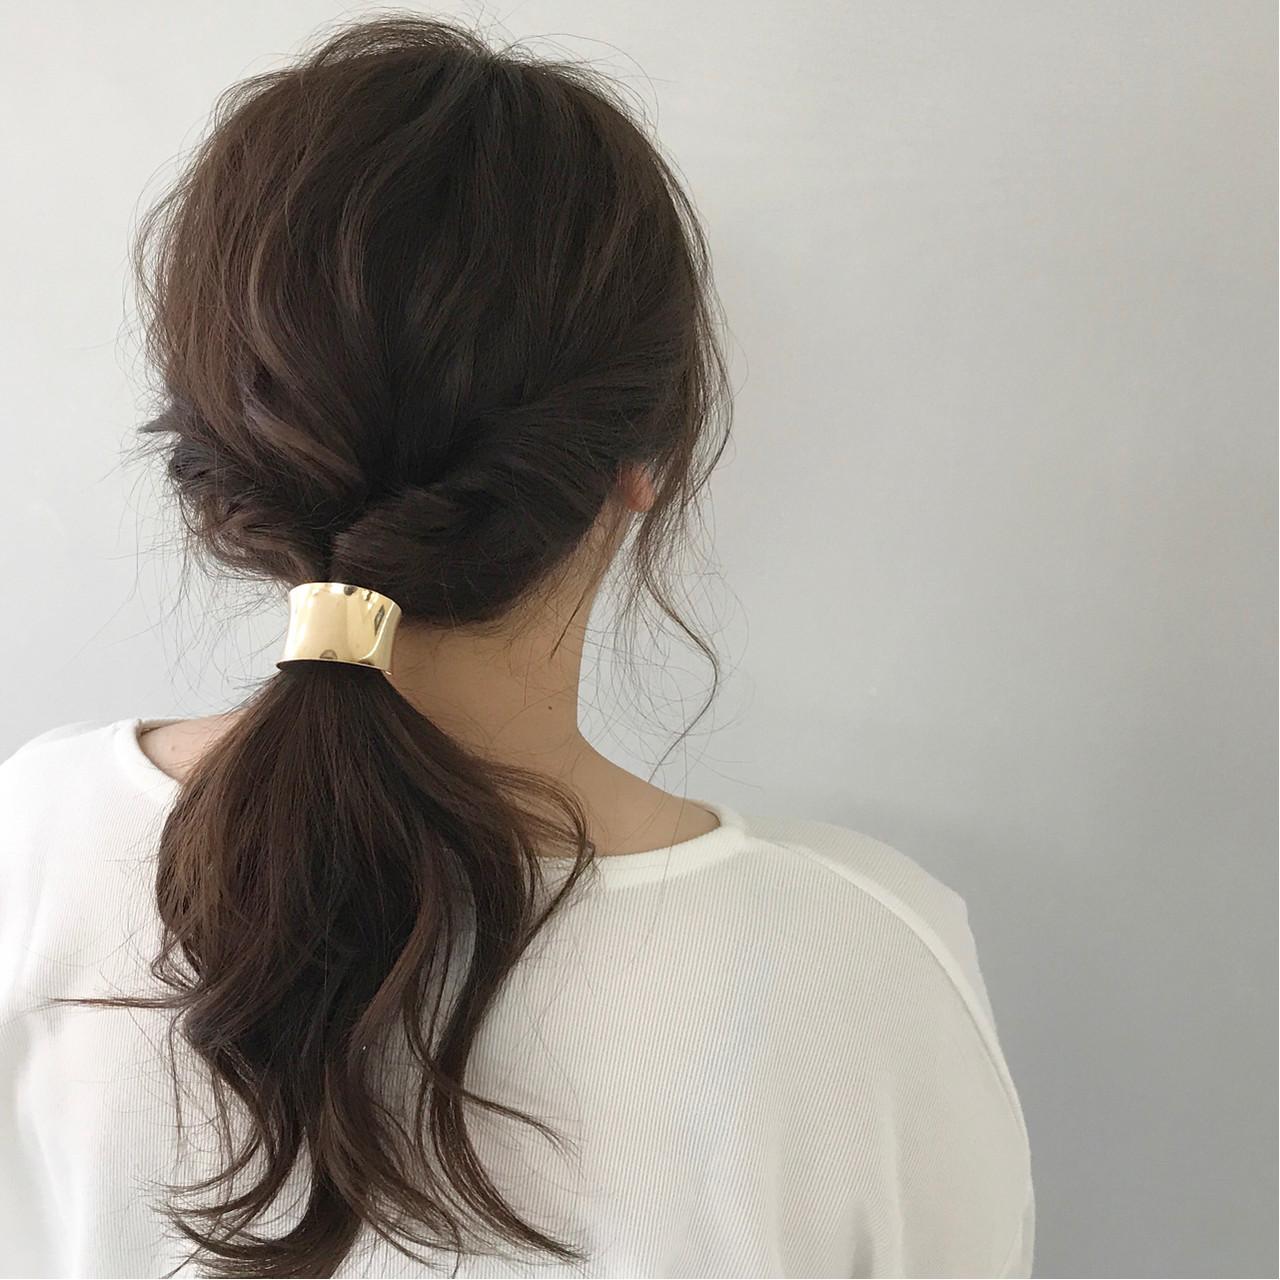 簡単、華やか、大人っぽい!時短もおしゃれも叶うヘアアレンジ特集 新谷 朋宏  Free hairstylist shinya